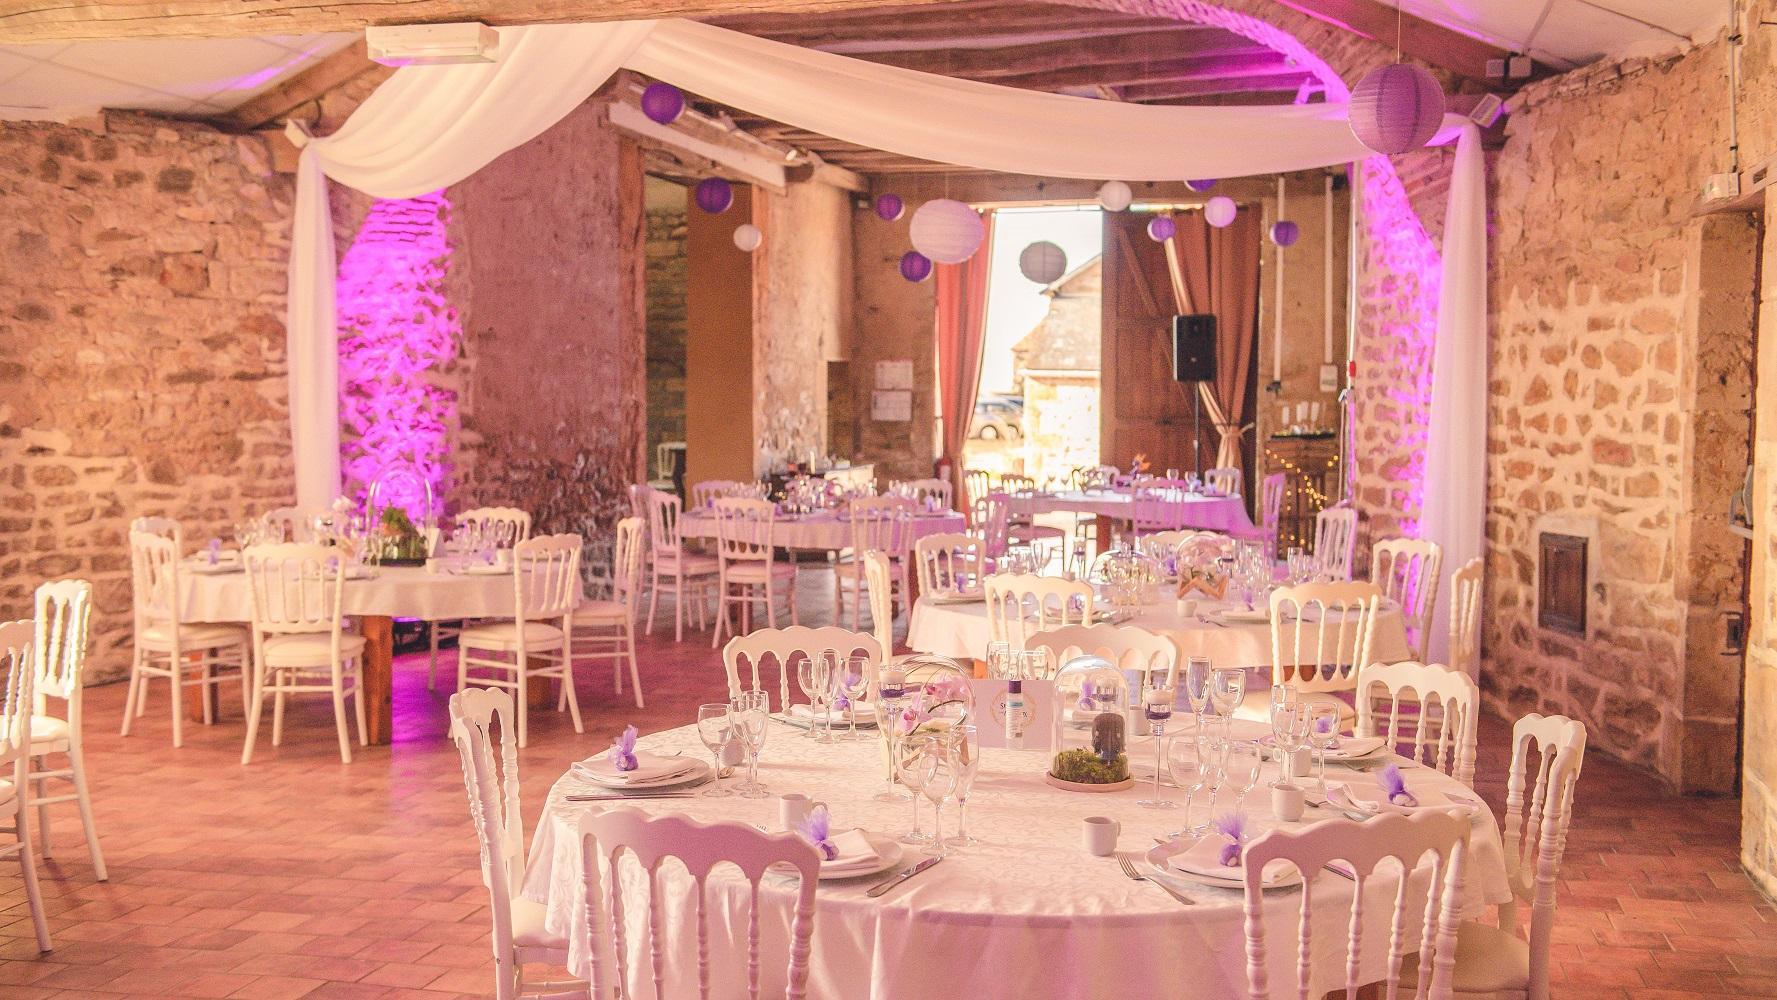 Mariage geek au chateau Vauban, teintes parme et violines